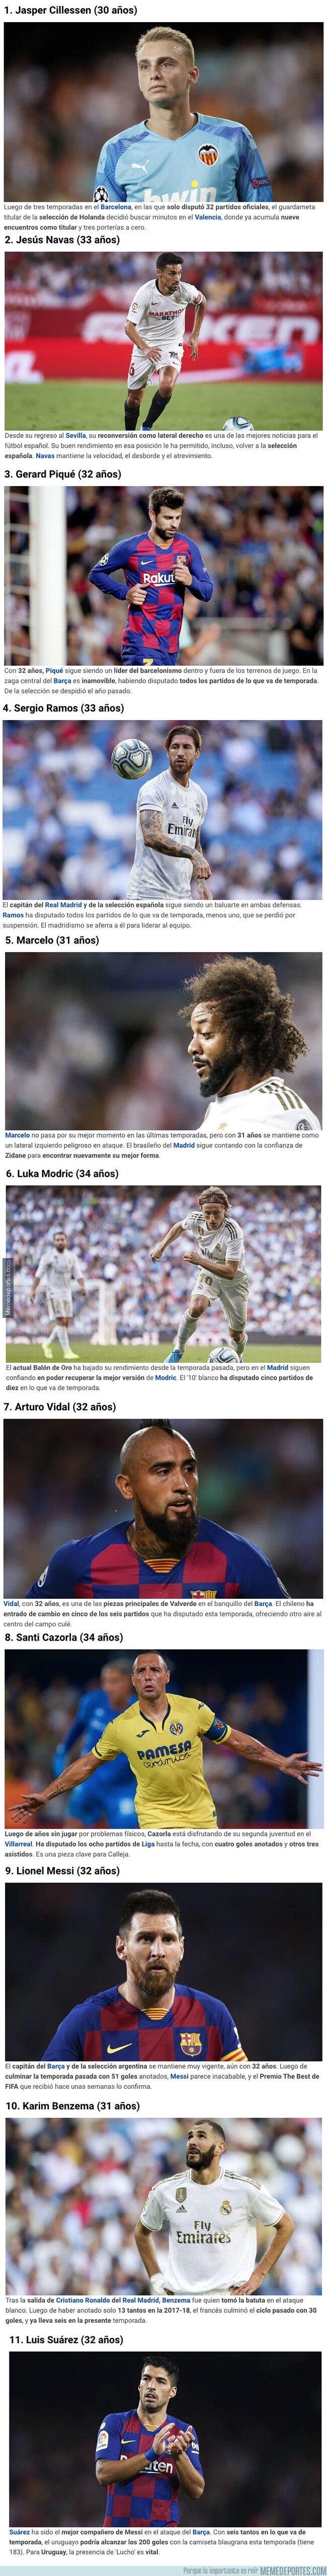 1088121 - XI ideal de futbolistas mayores de 30 de LaLiga